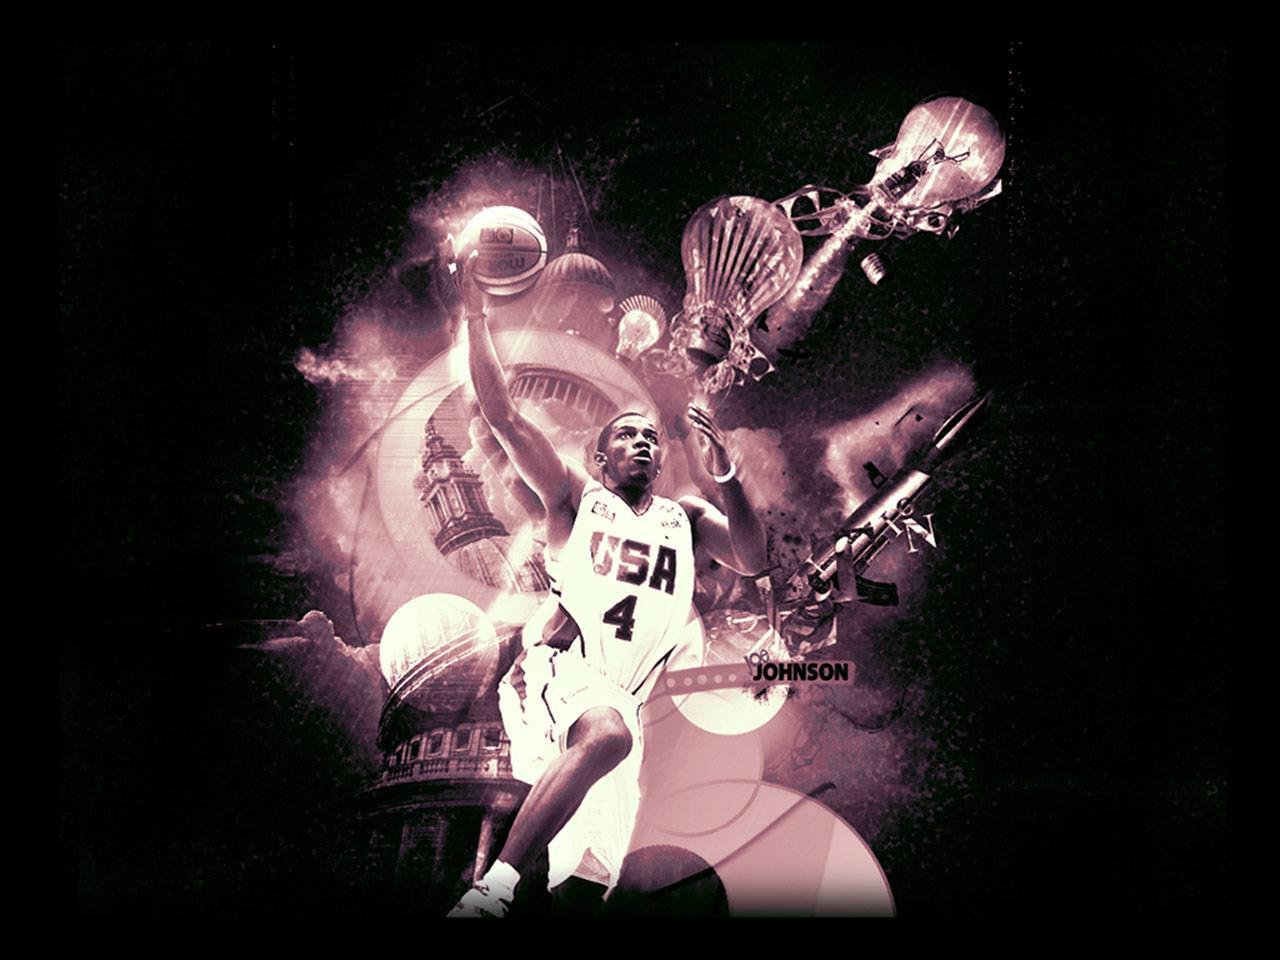 download Joe Johnson Dream Team Dunk Wallpaper Basketball 1280x960